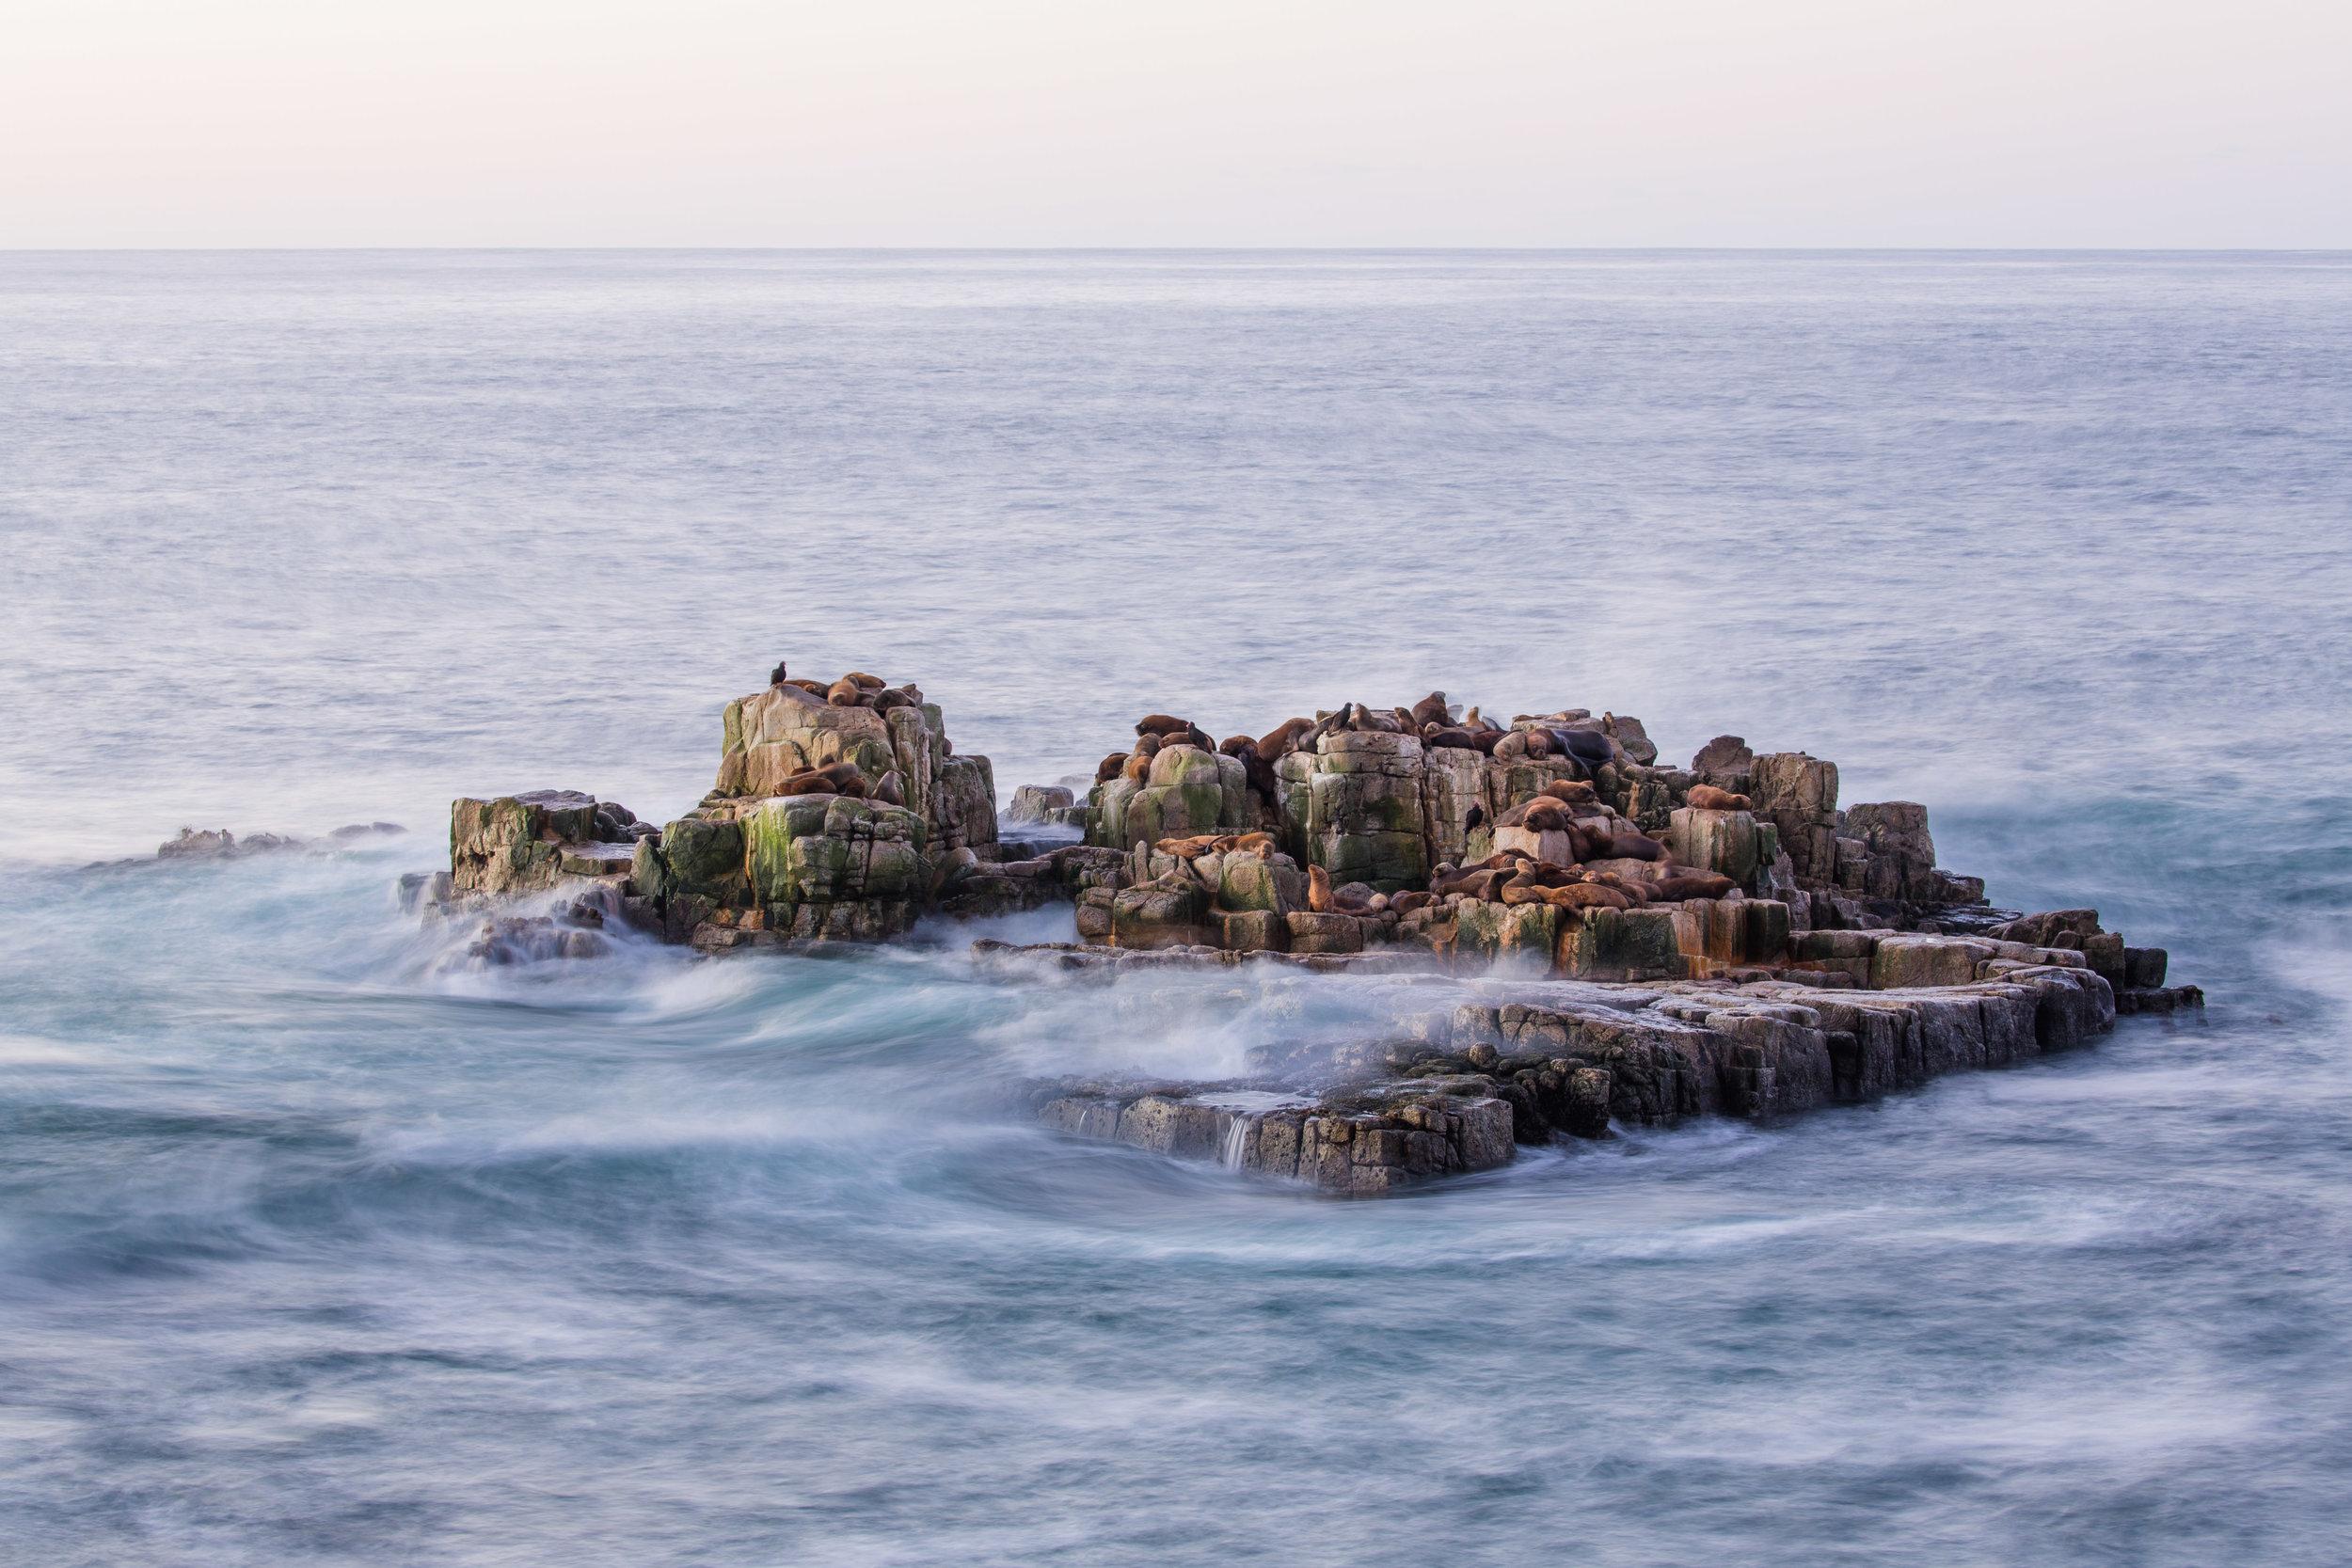 Sea lion colony in the Valdivian Coastal Reserve, Chile